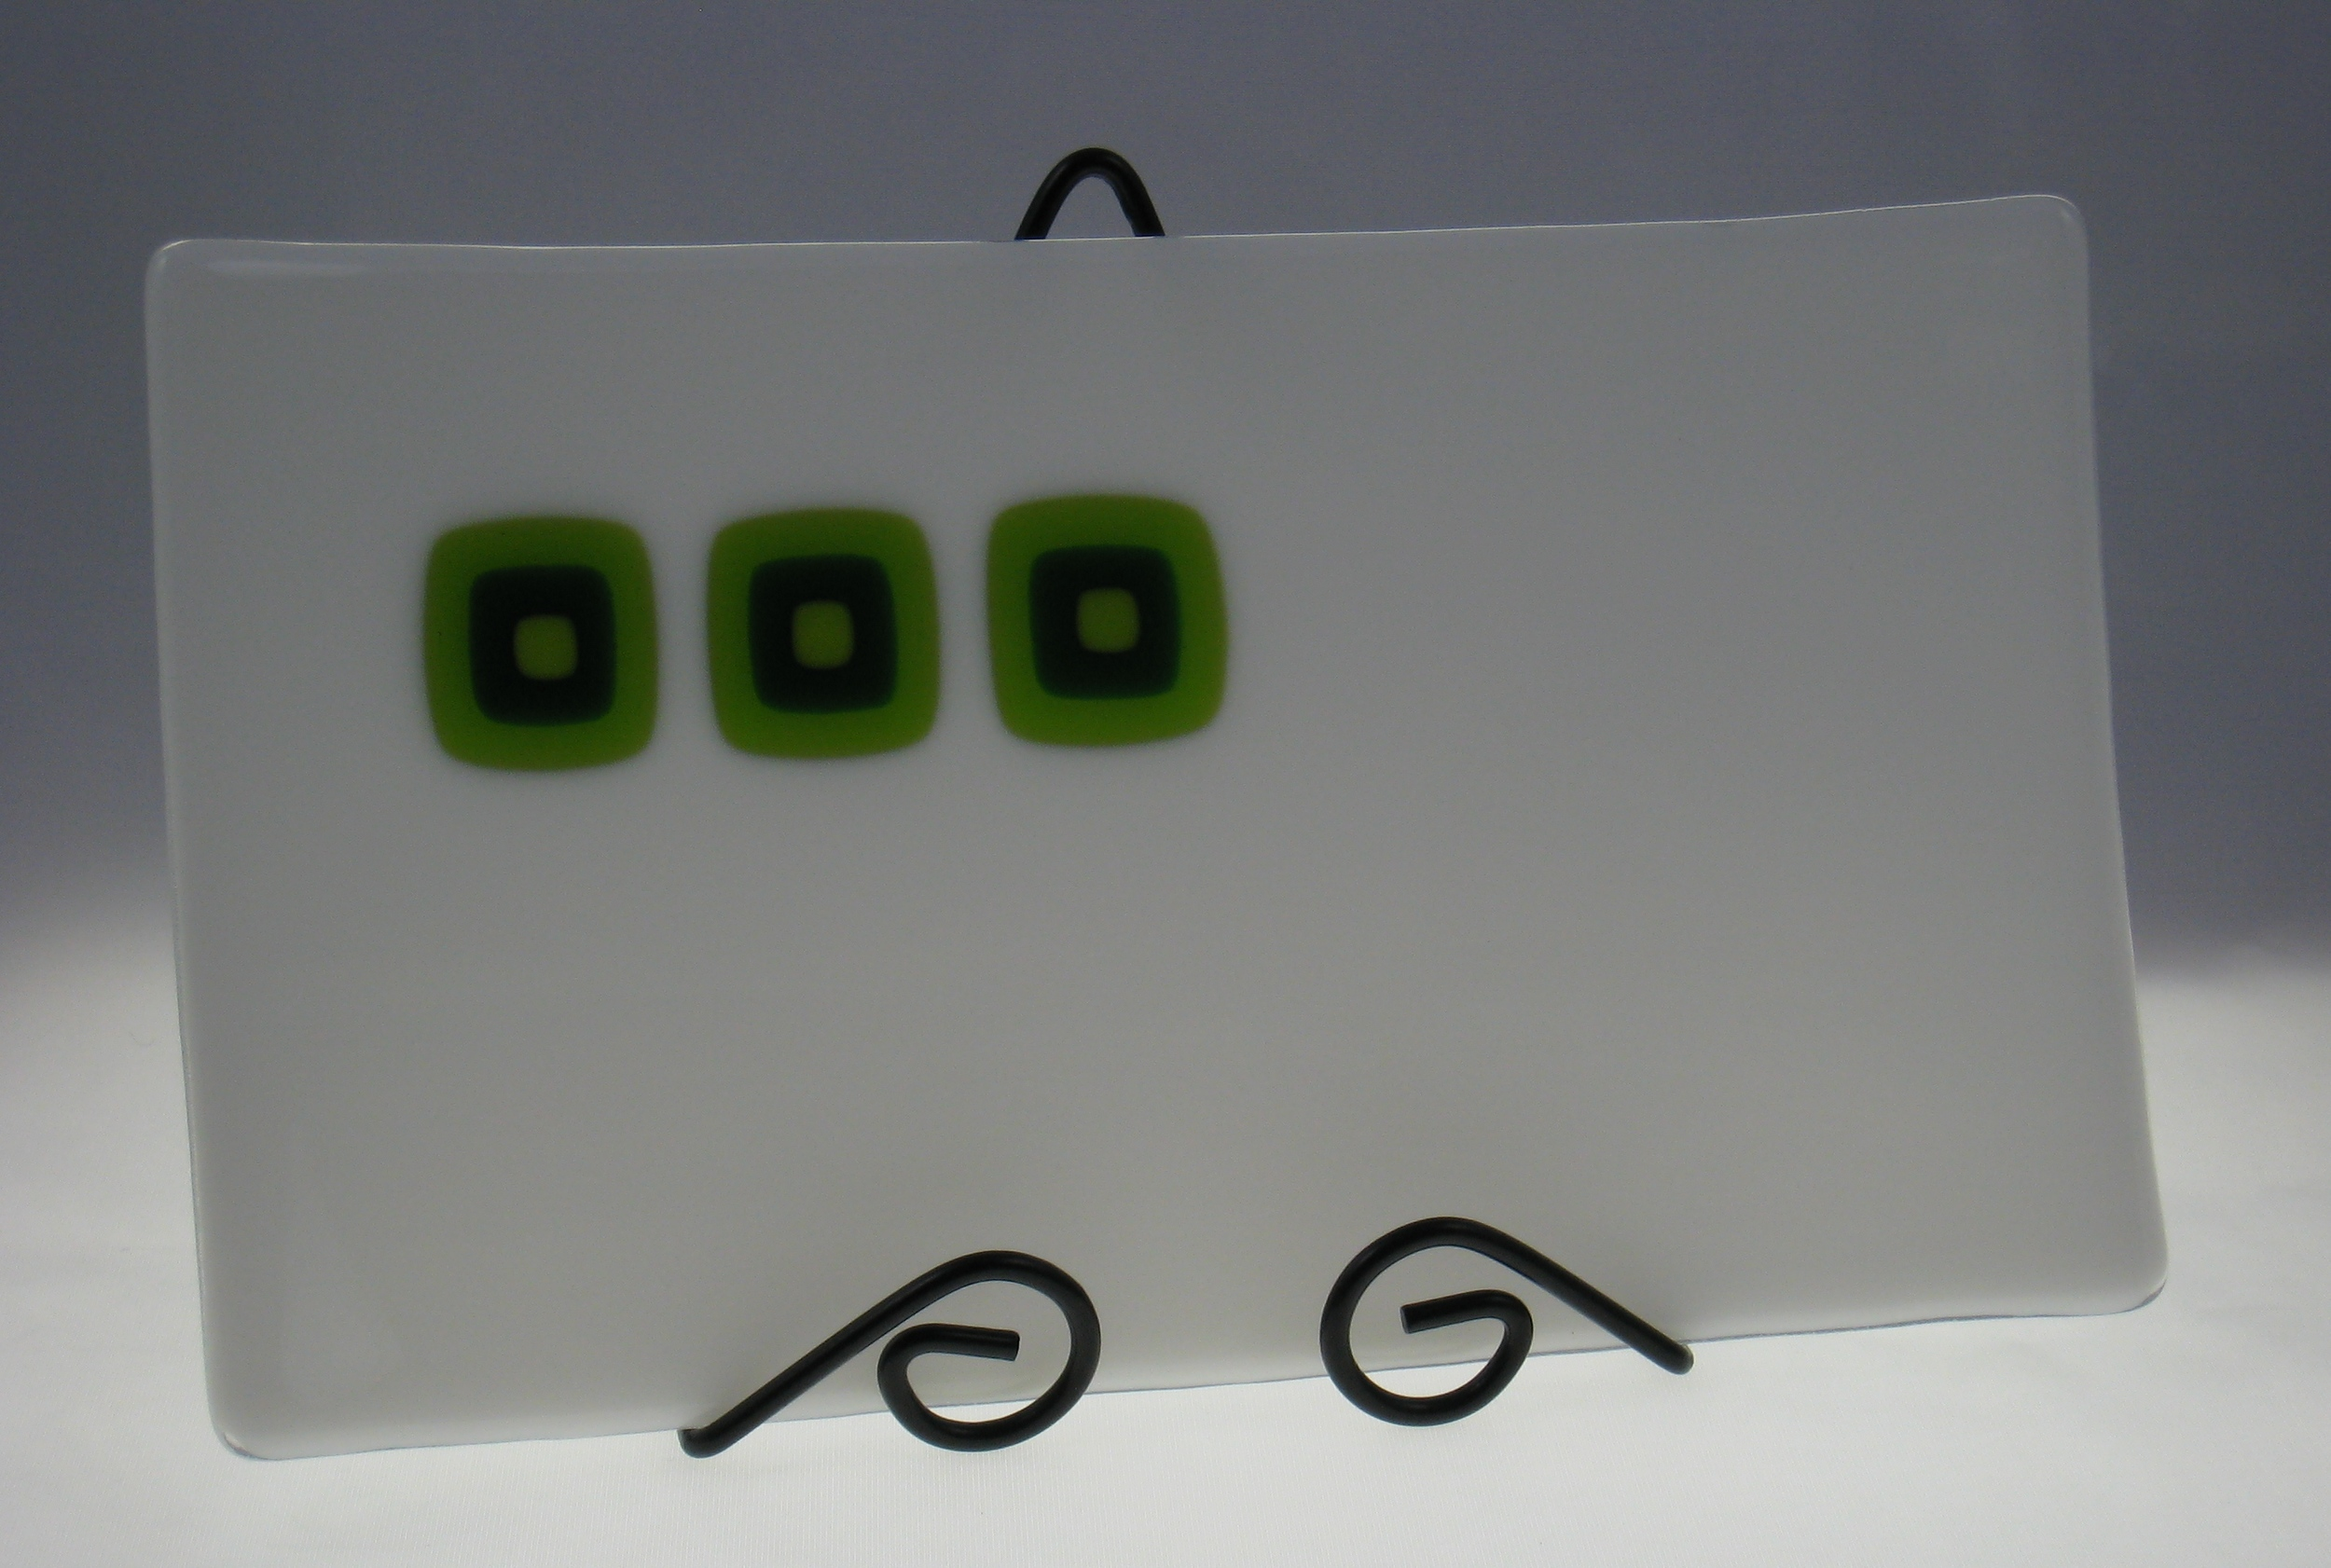 green tile plate